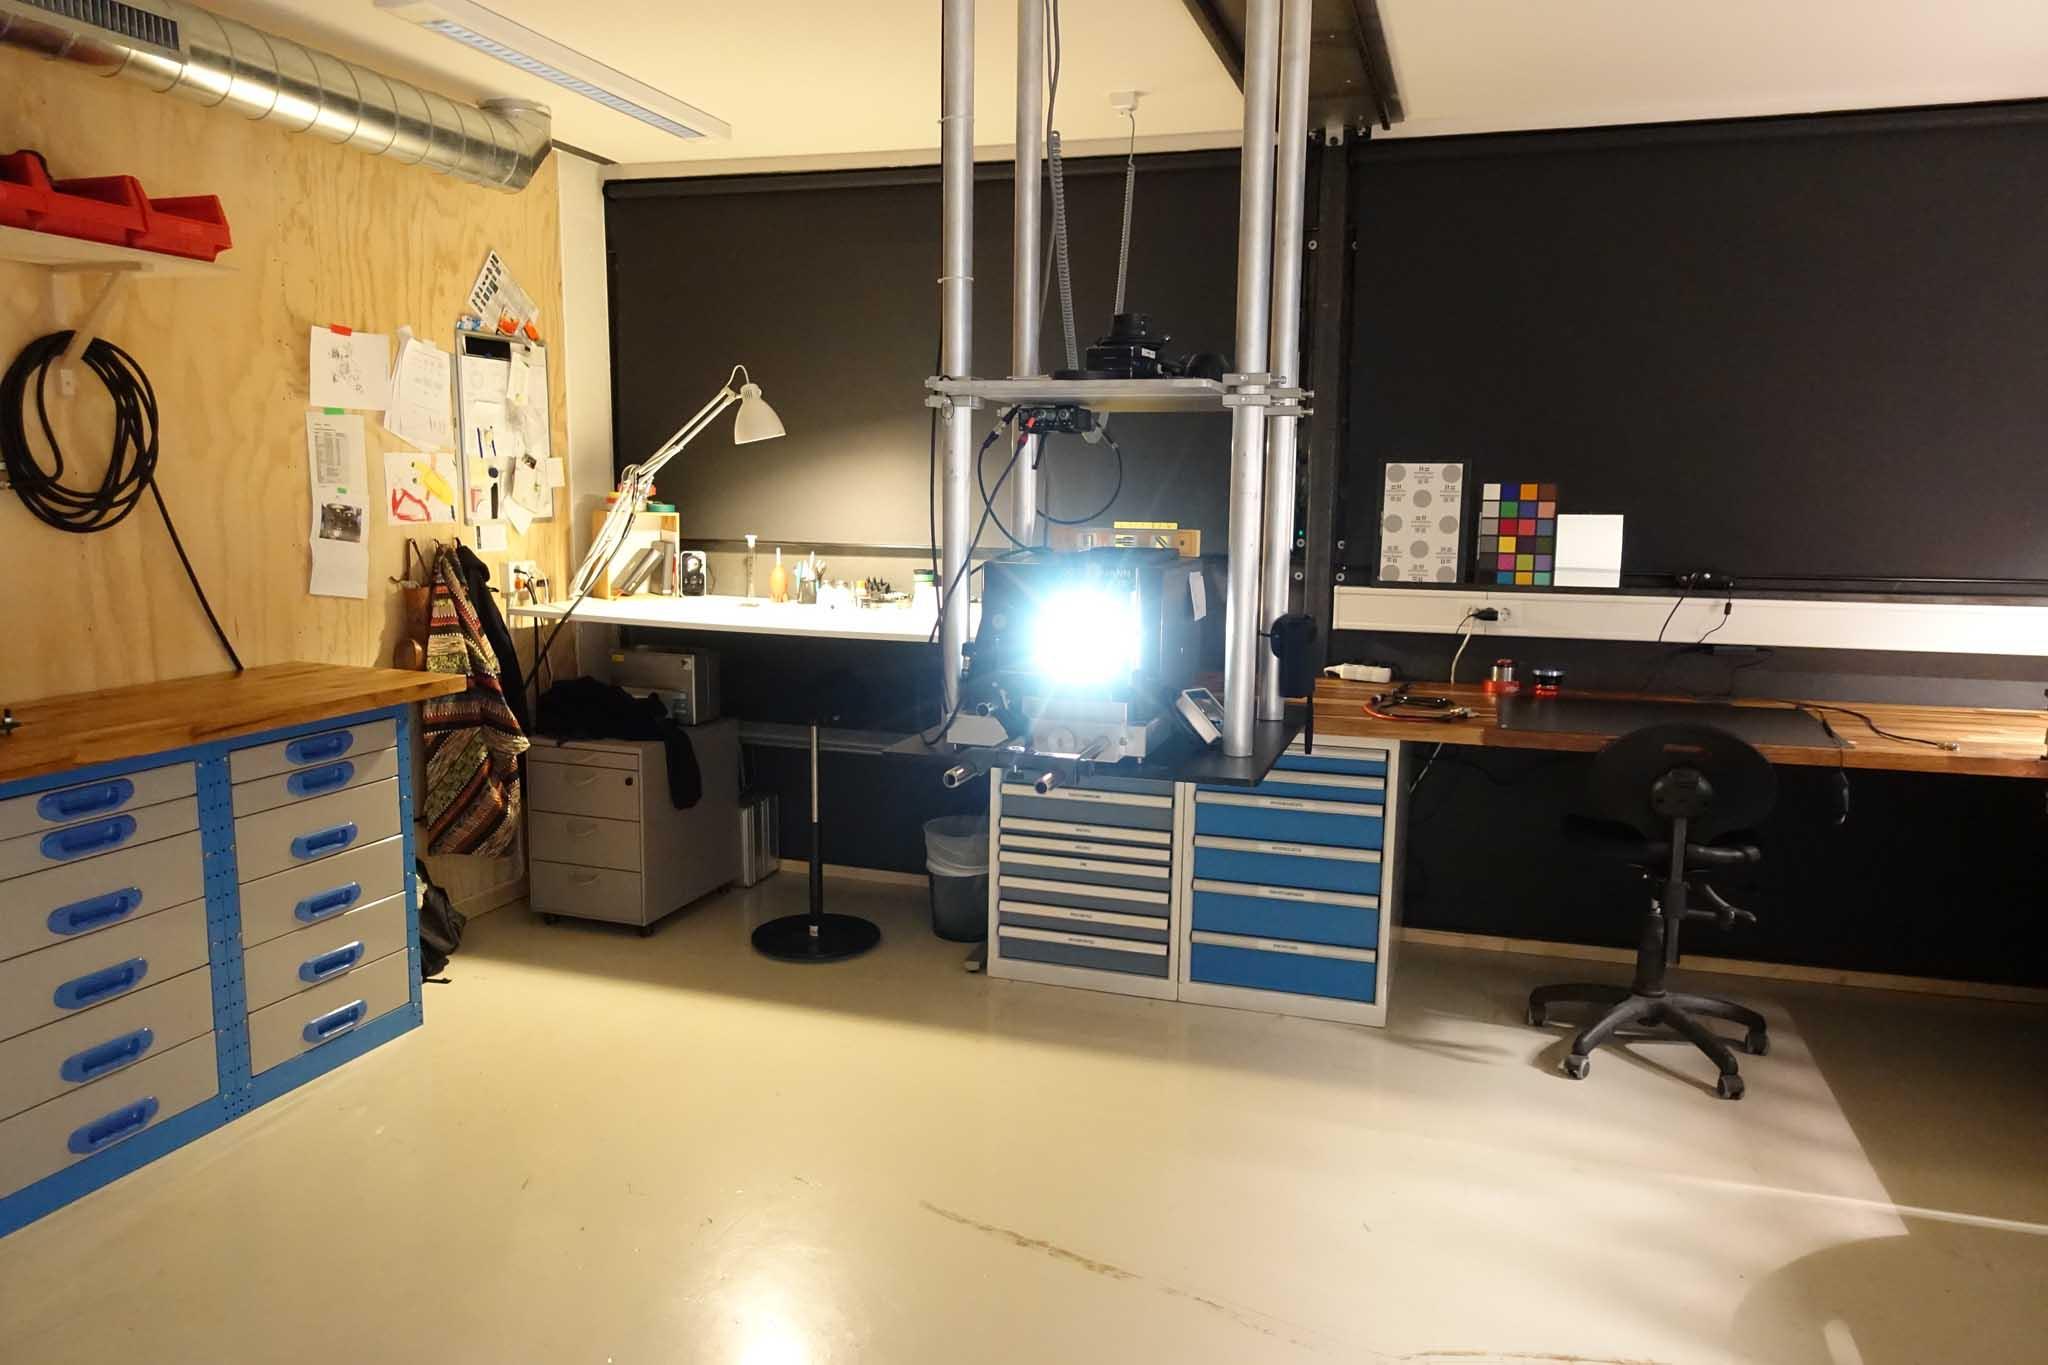 Lens test and repair room